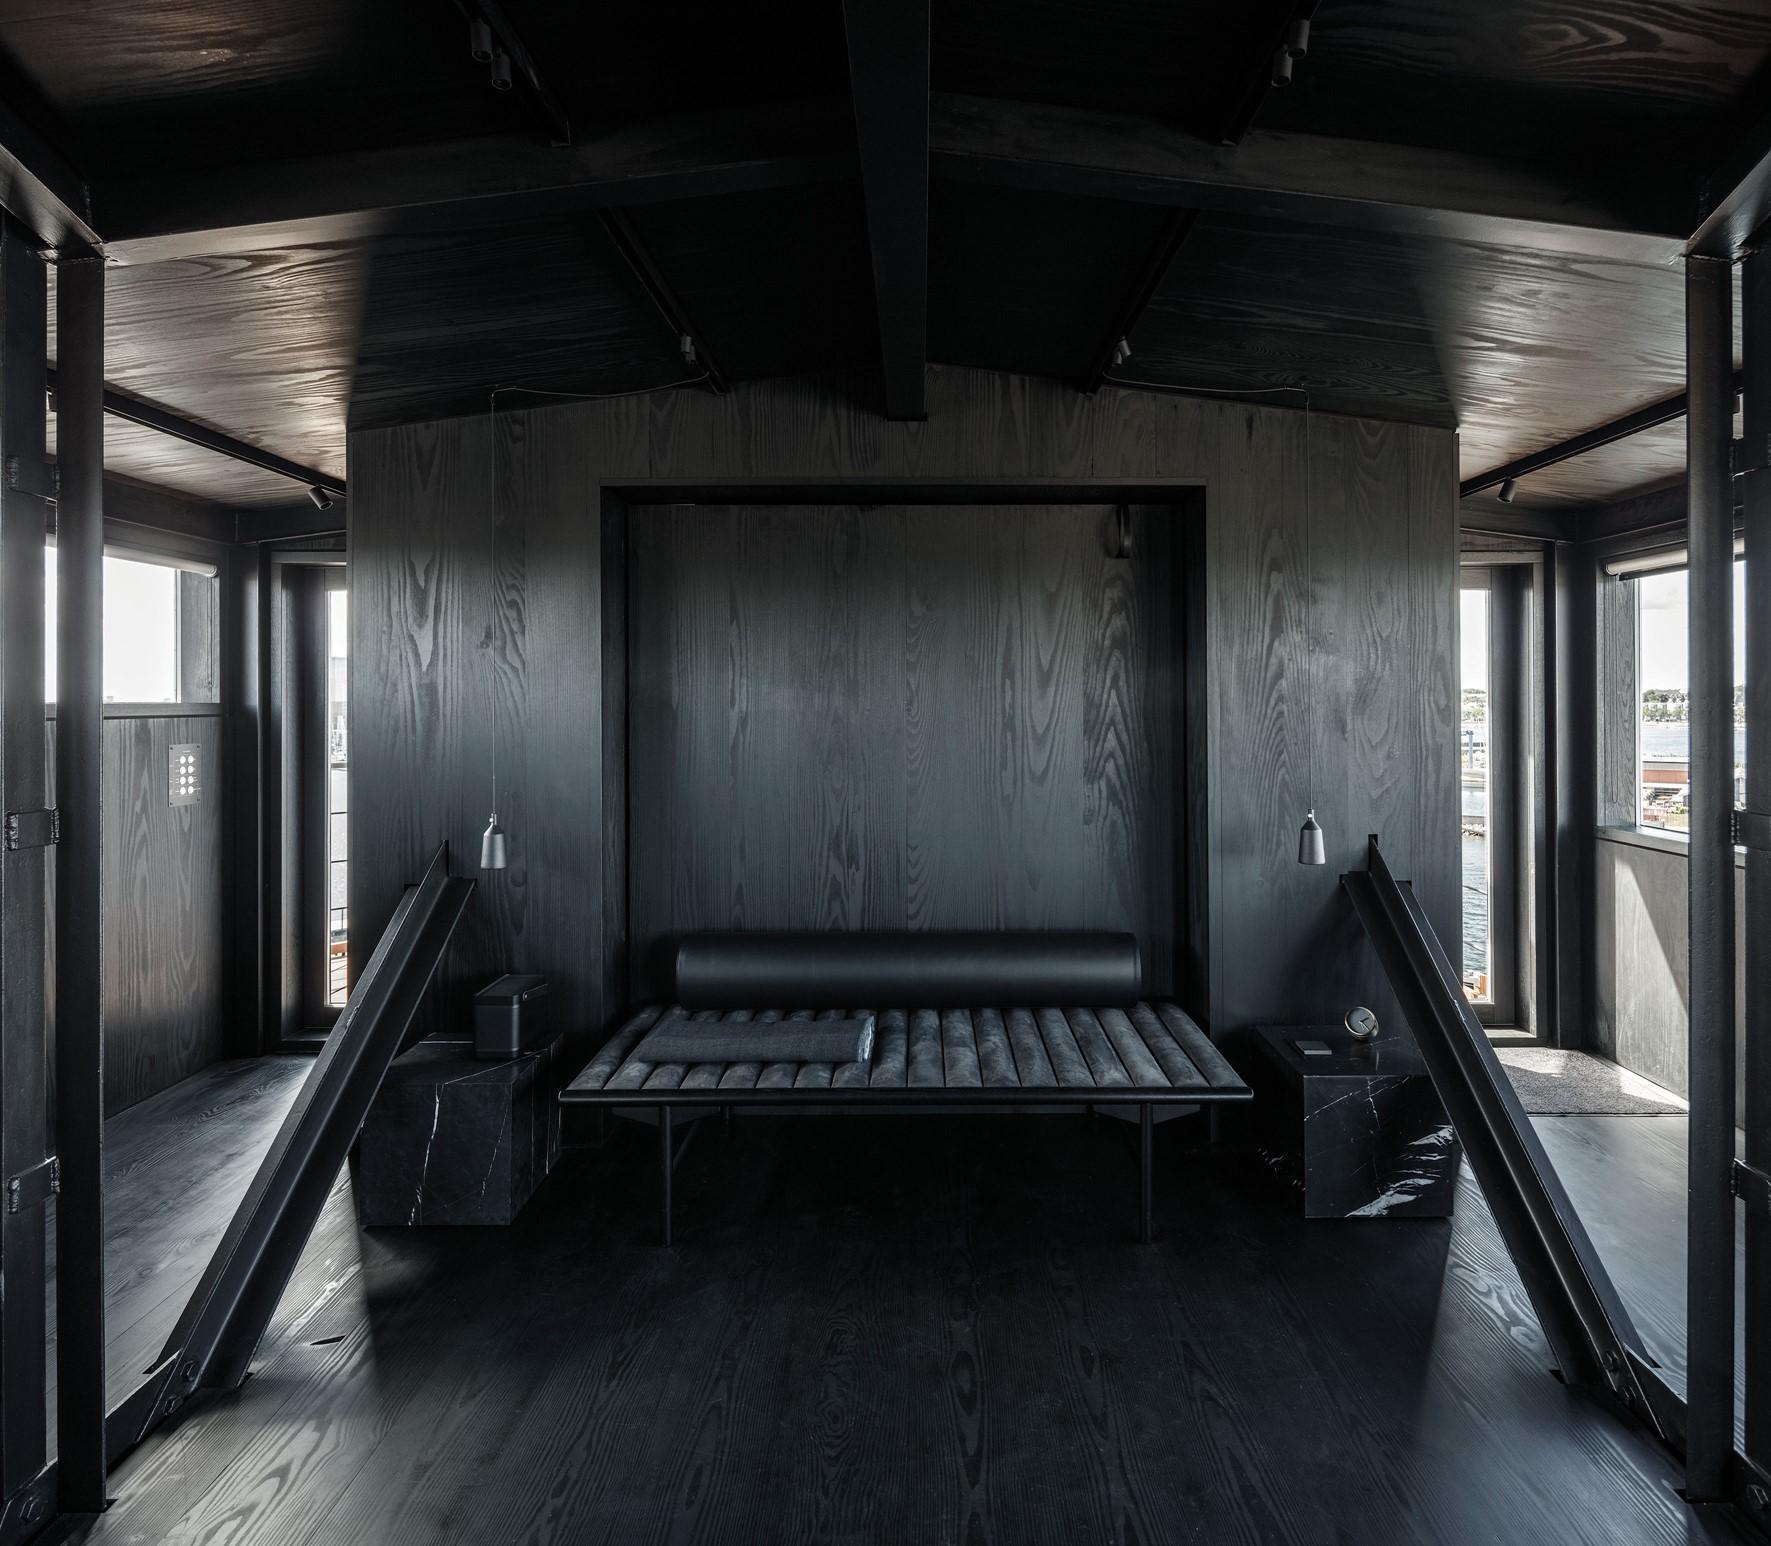 douglas-fir-floor_megablack-oil_the-krane-copenhagen_hotel-room_dinesen_02.jpg